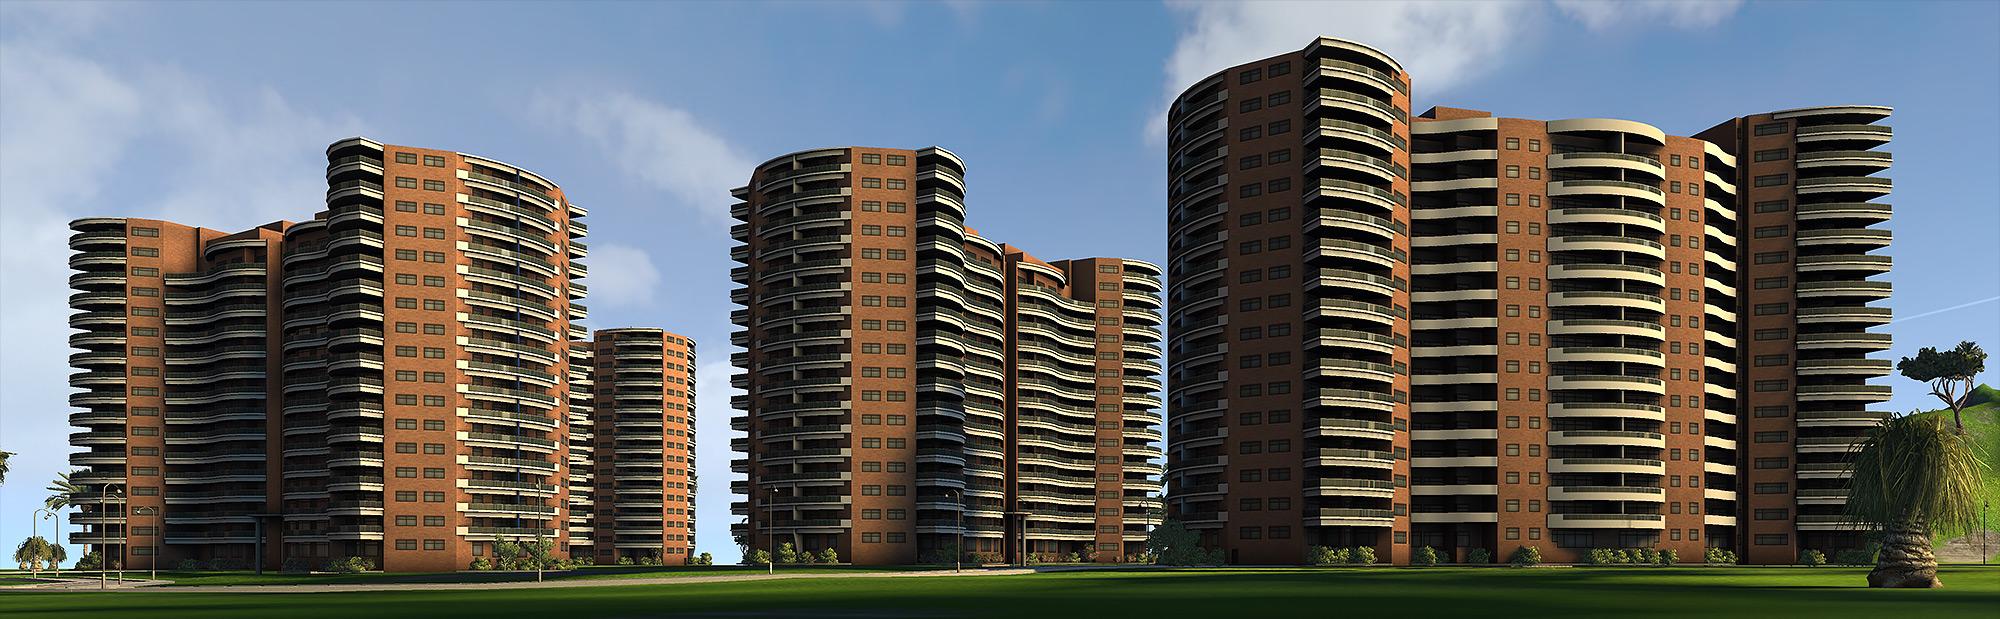 Residential02.jpg